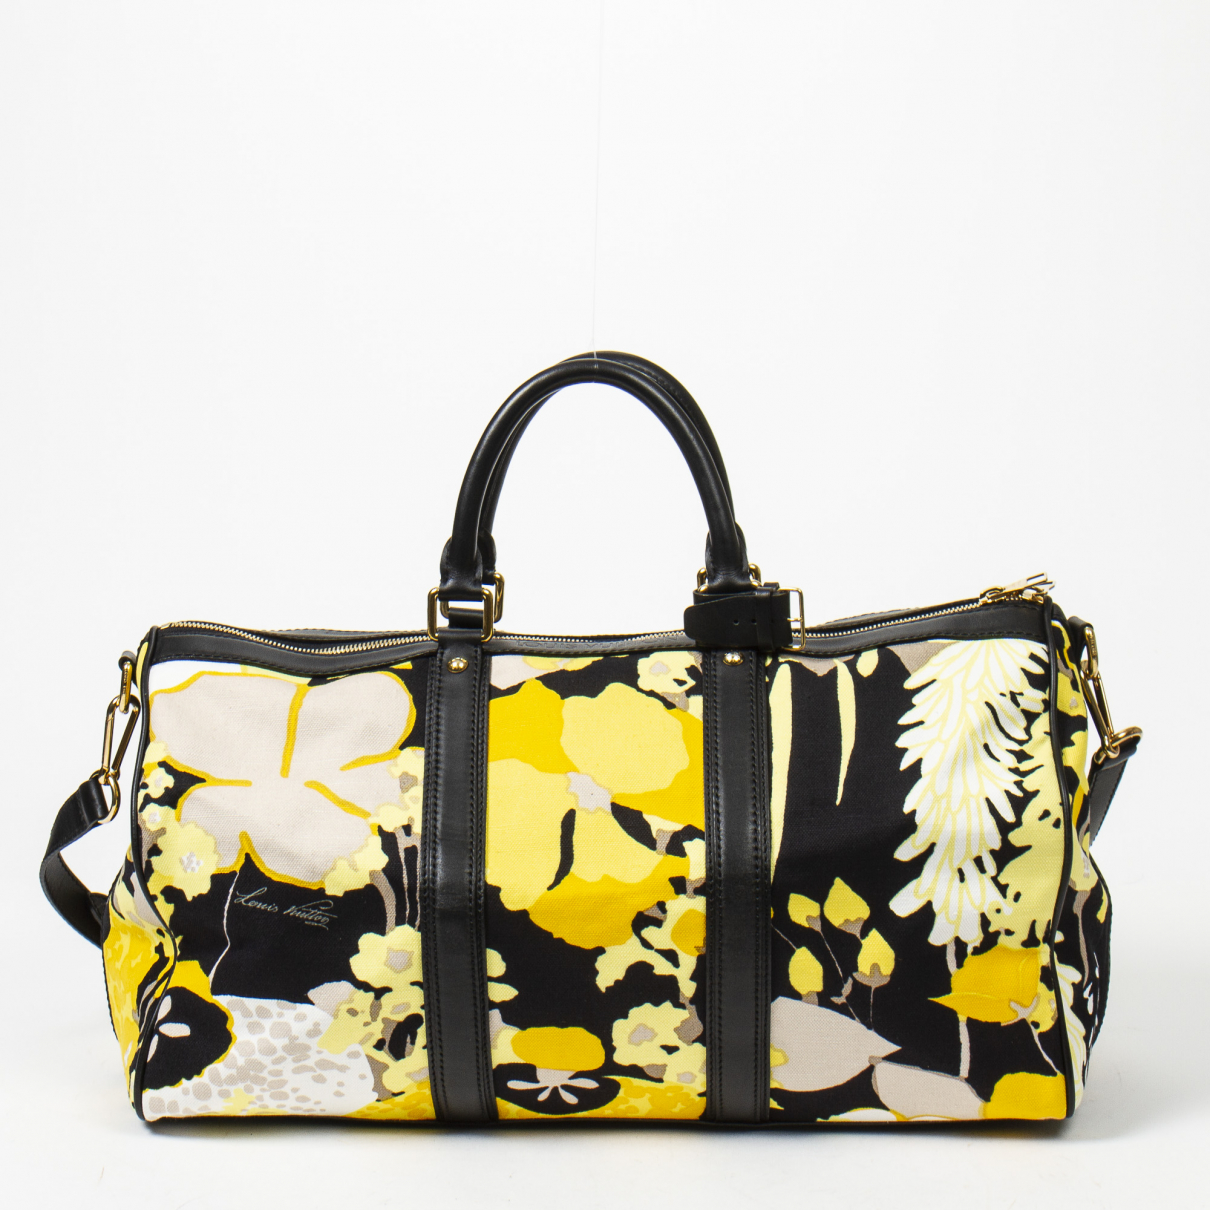 Louis Vuitton - Sac de voyage Keepall pour femme en soie - noir